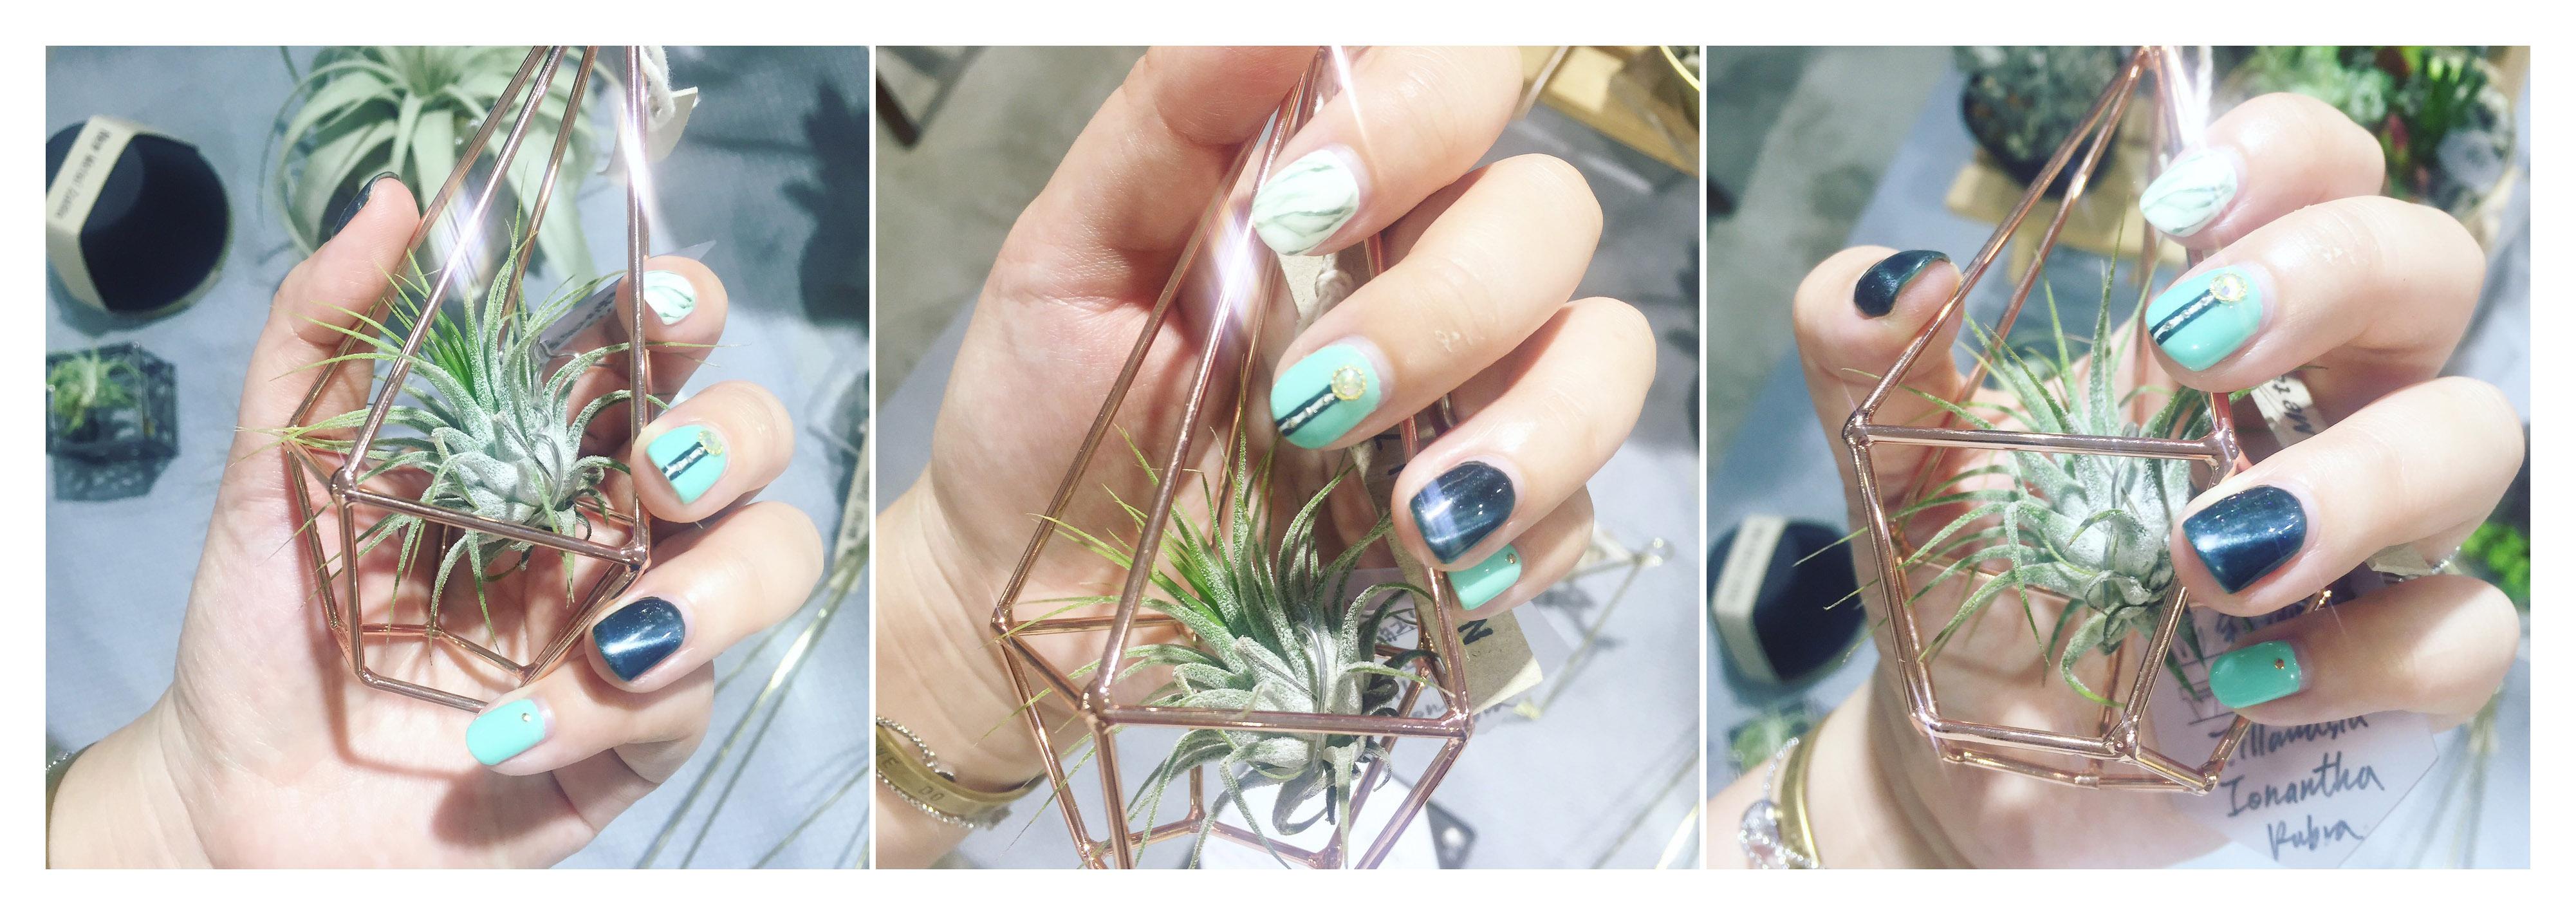 鑽石型空氣鳳梨掛架搭配空氣鳳梨小精靈,適合展示美甲&社交打卡